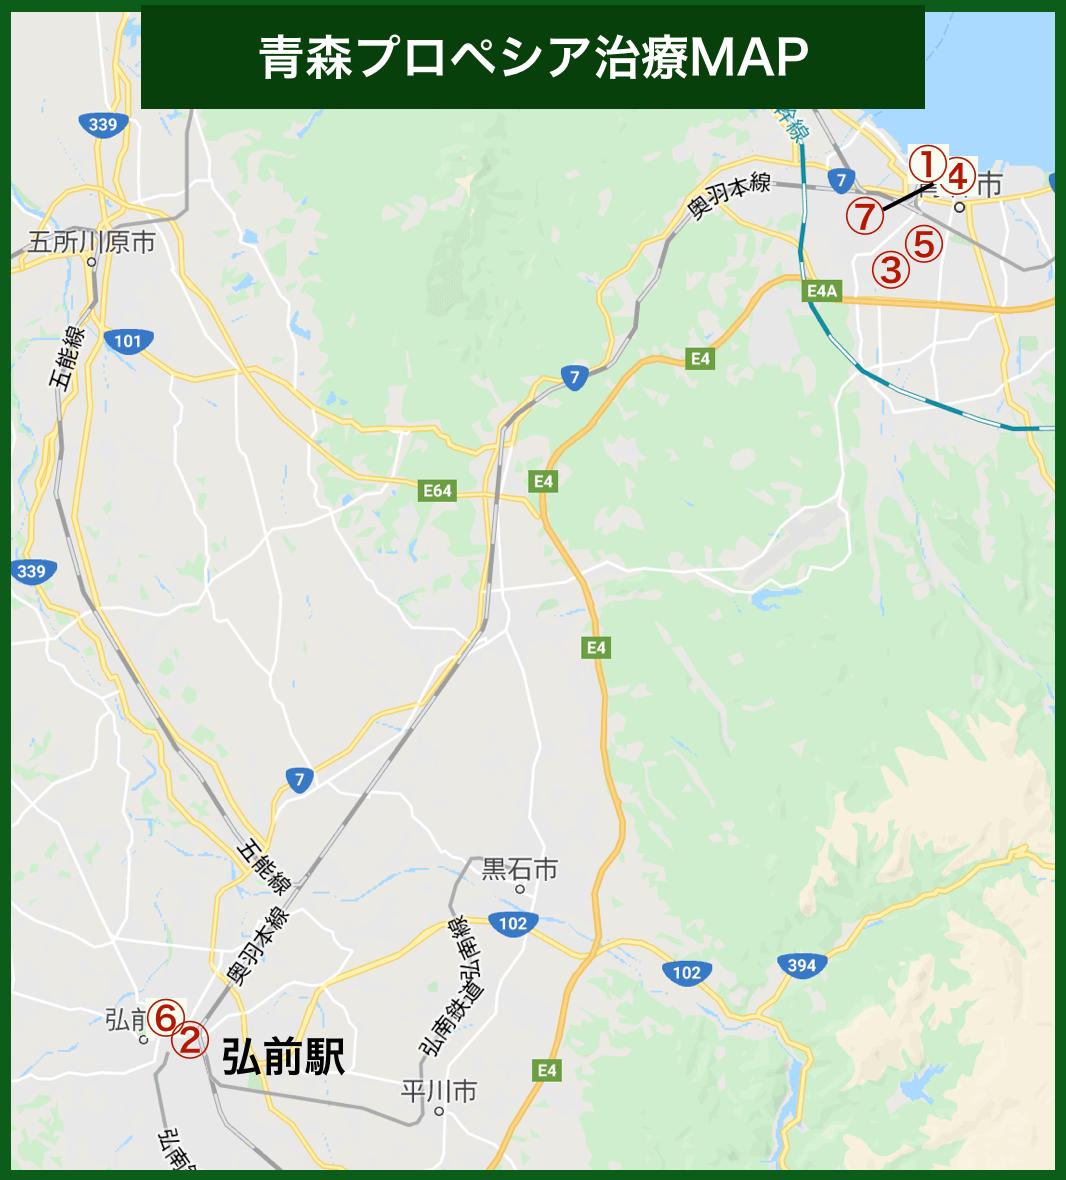 青森プロペシア治療MAP(2020年版)